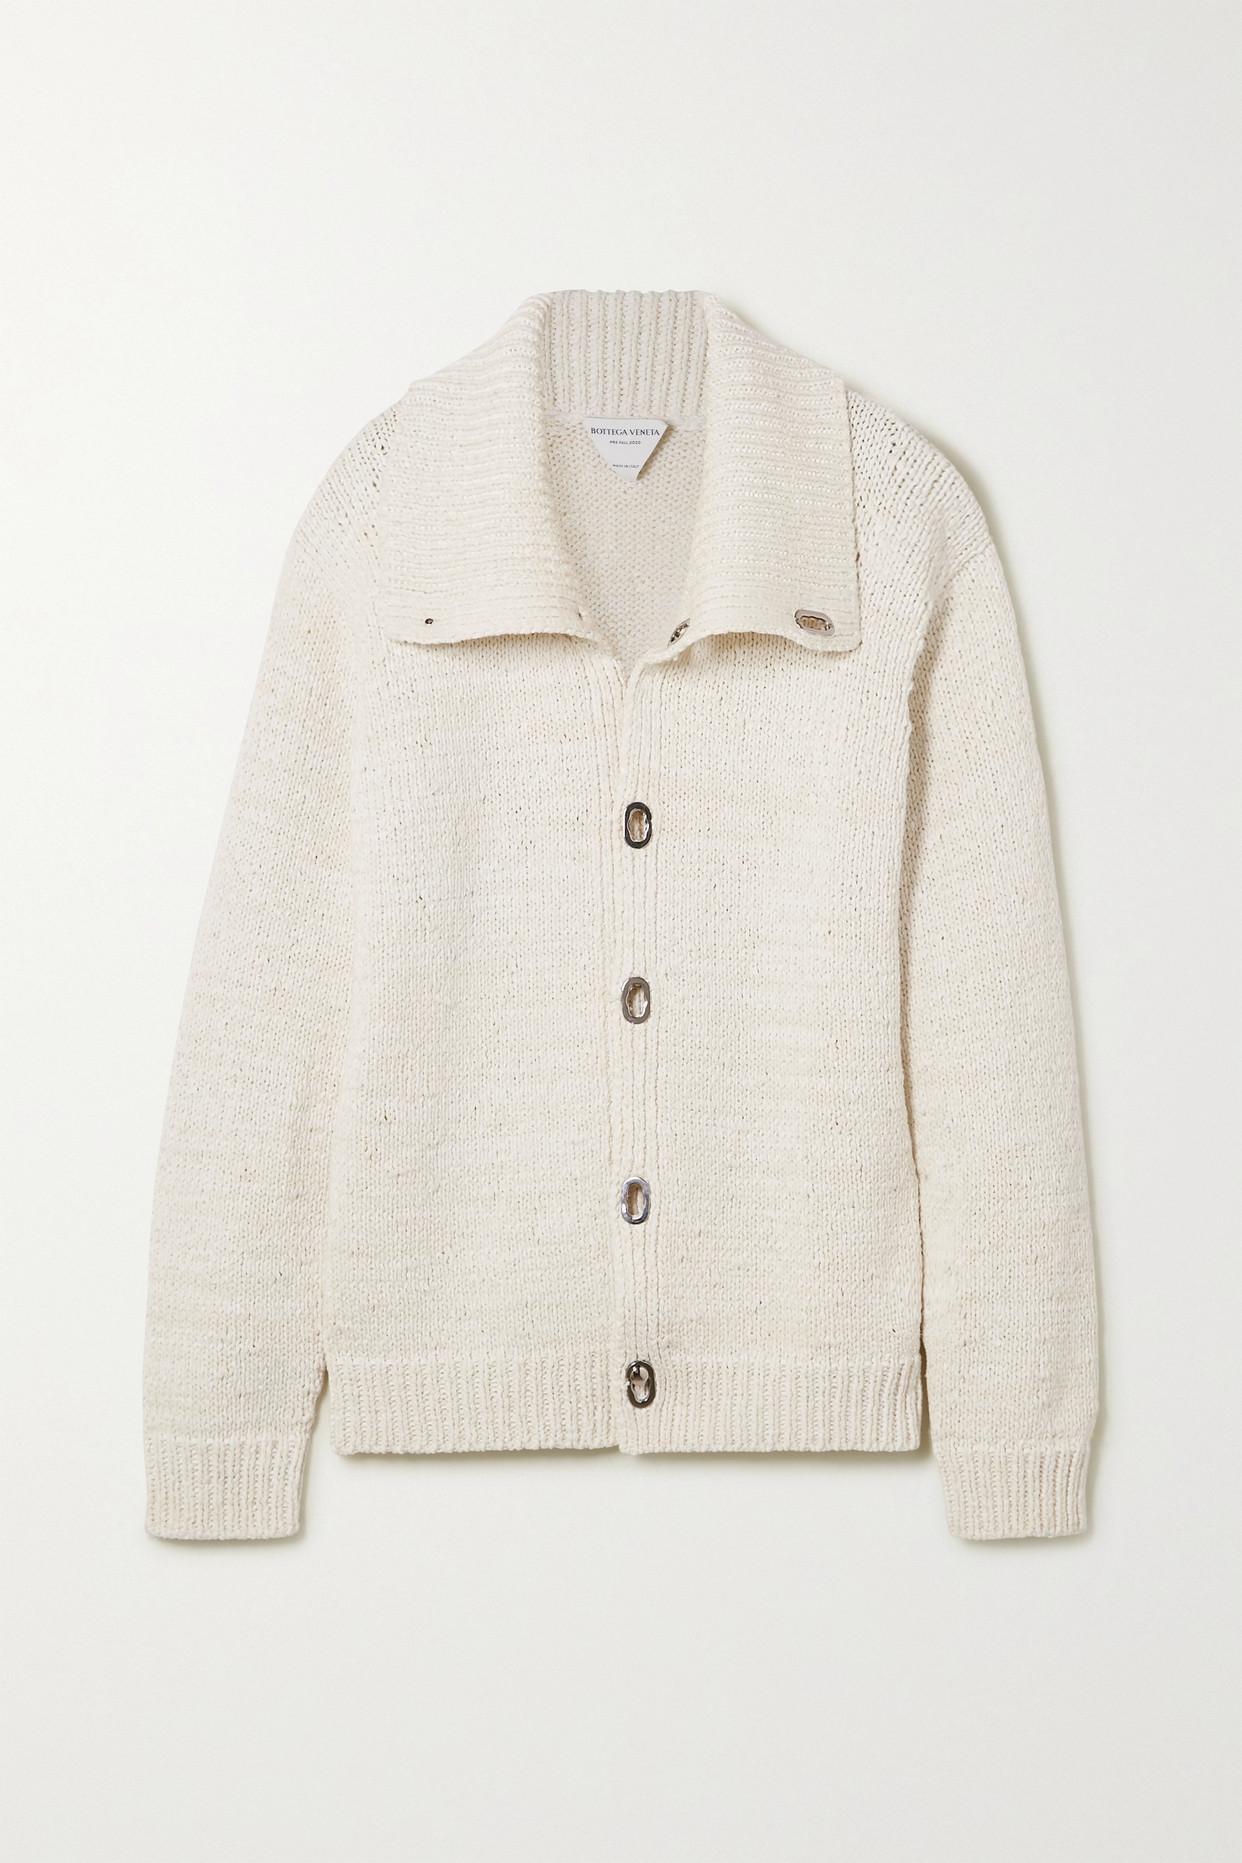 BOTTEGA VENETA - Oversized Knitted Jacket - White - large